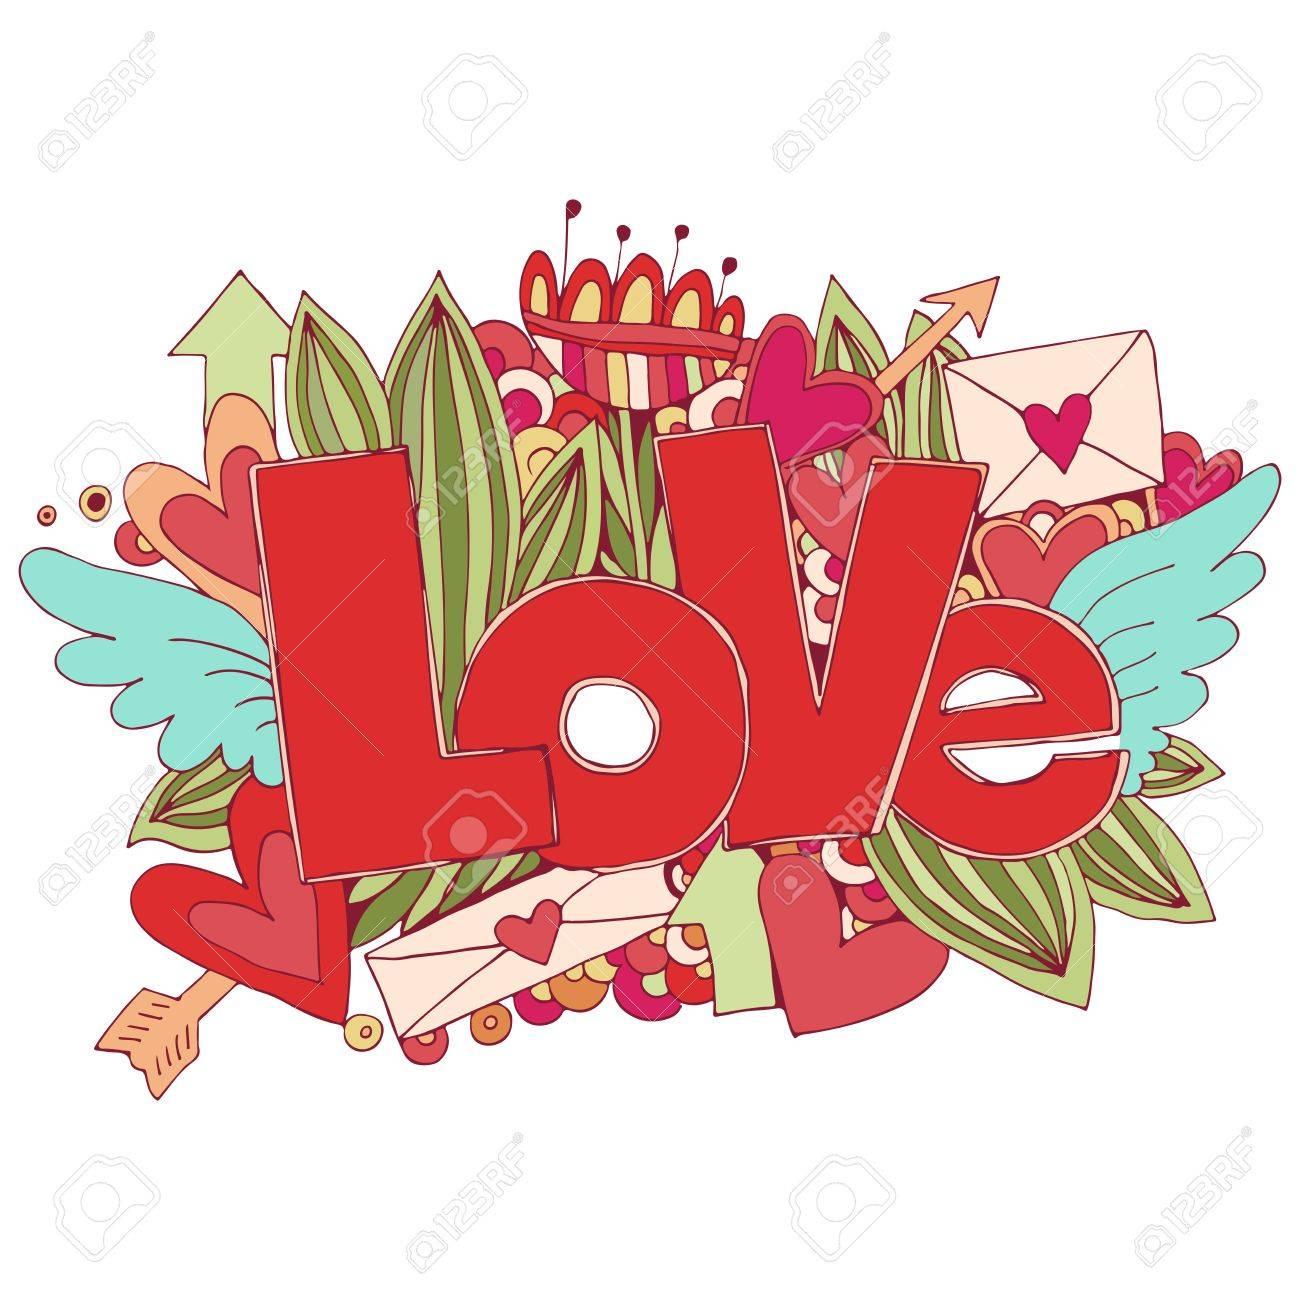 Amor Mano Letras Y Garabatos Elementos De Fondo Boceto Colores